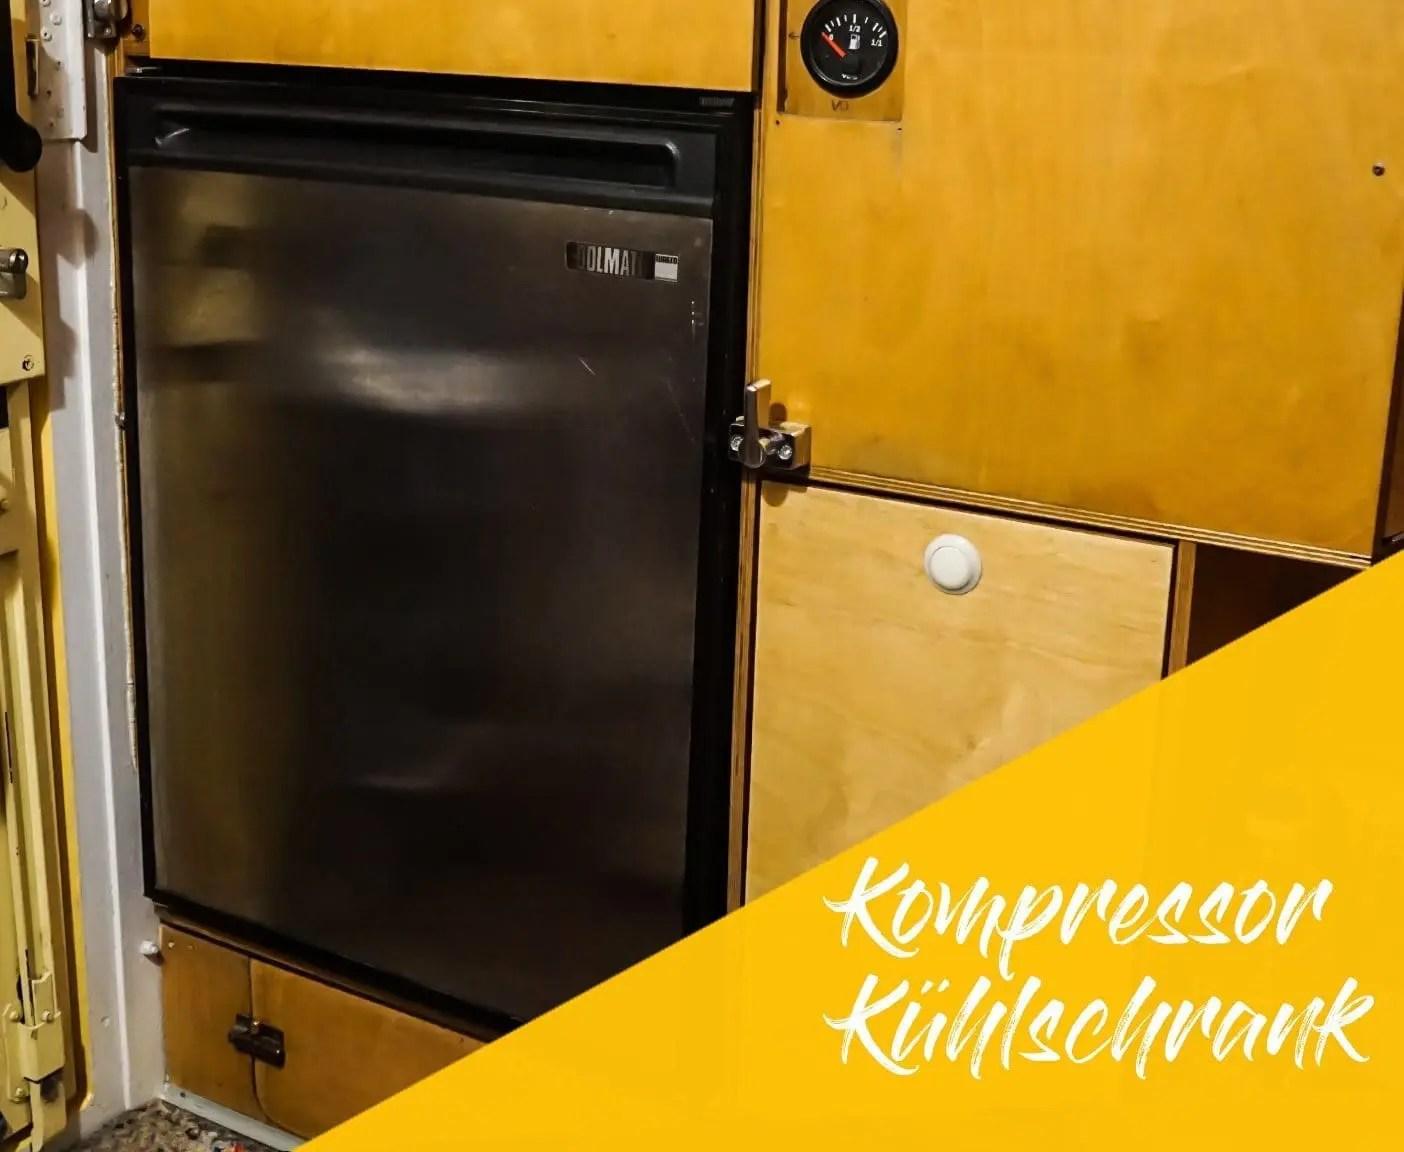 Kompressor Oder Absorber? 12V Camping Kühlschrank Im Test.